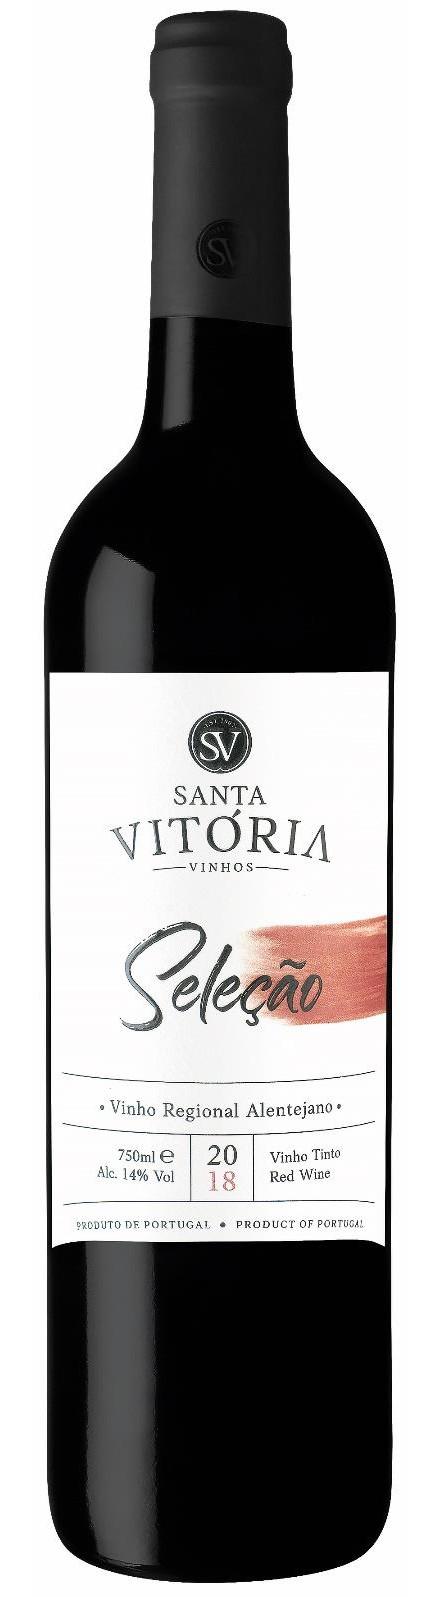 Portugalské červené víno Santa Vitoria Selecao Tinto na eshopu vína z Portugalska